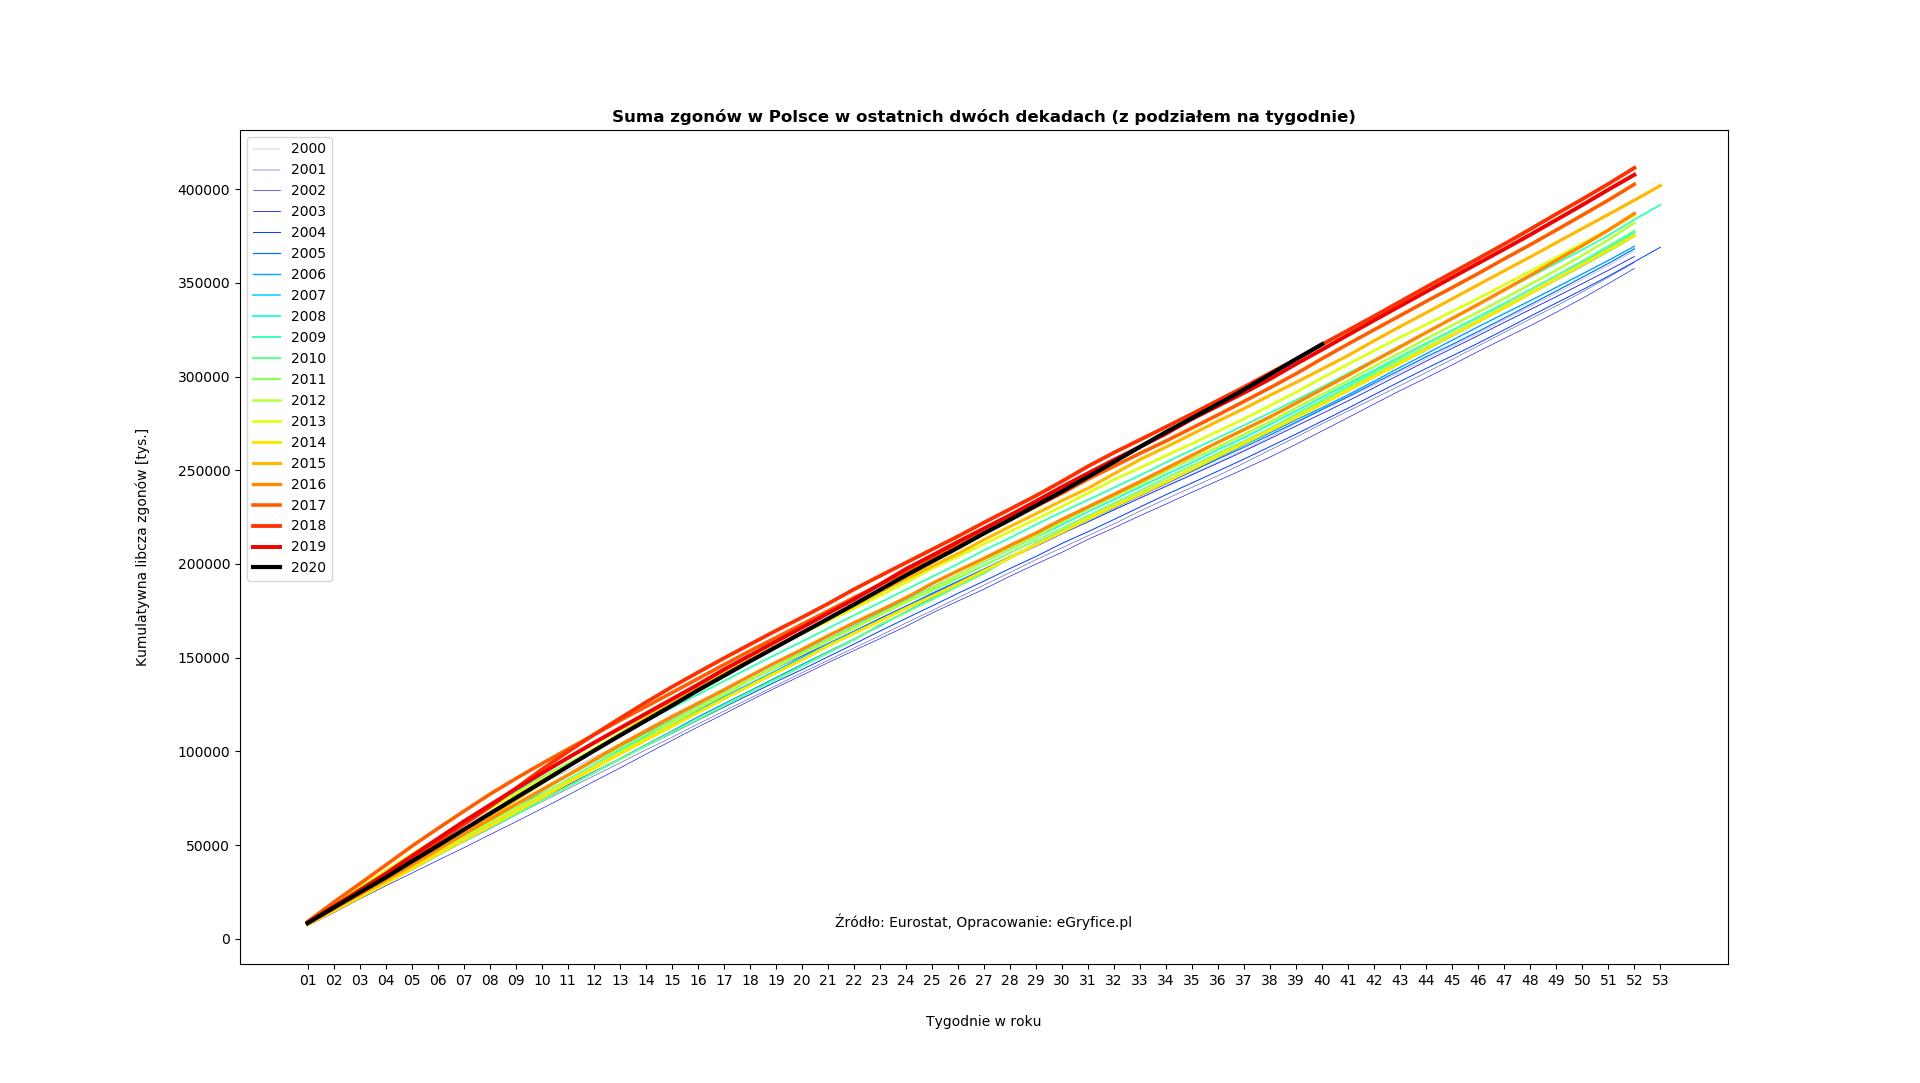 Suma zgonów w Polsce w ostatnich 20 latach